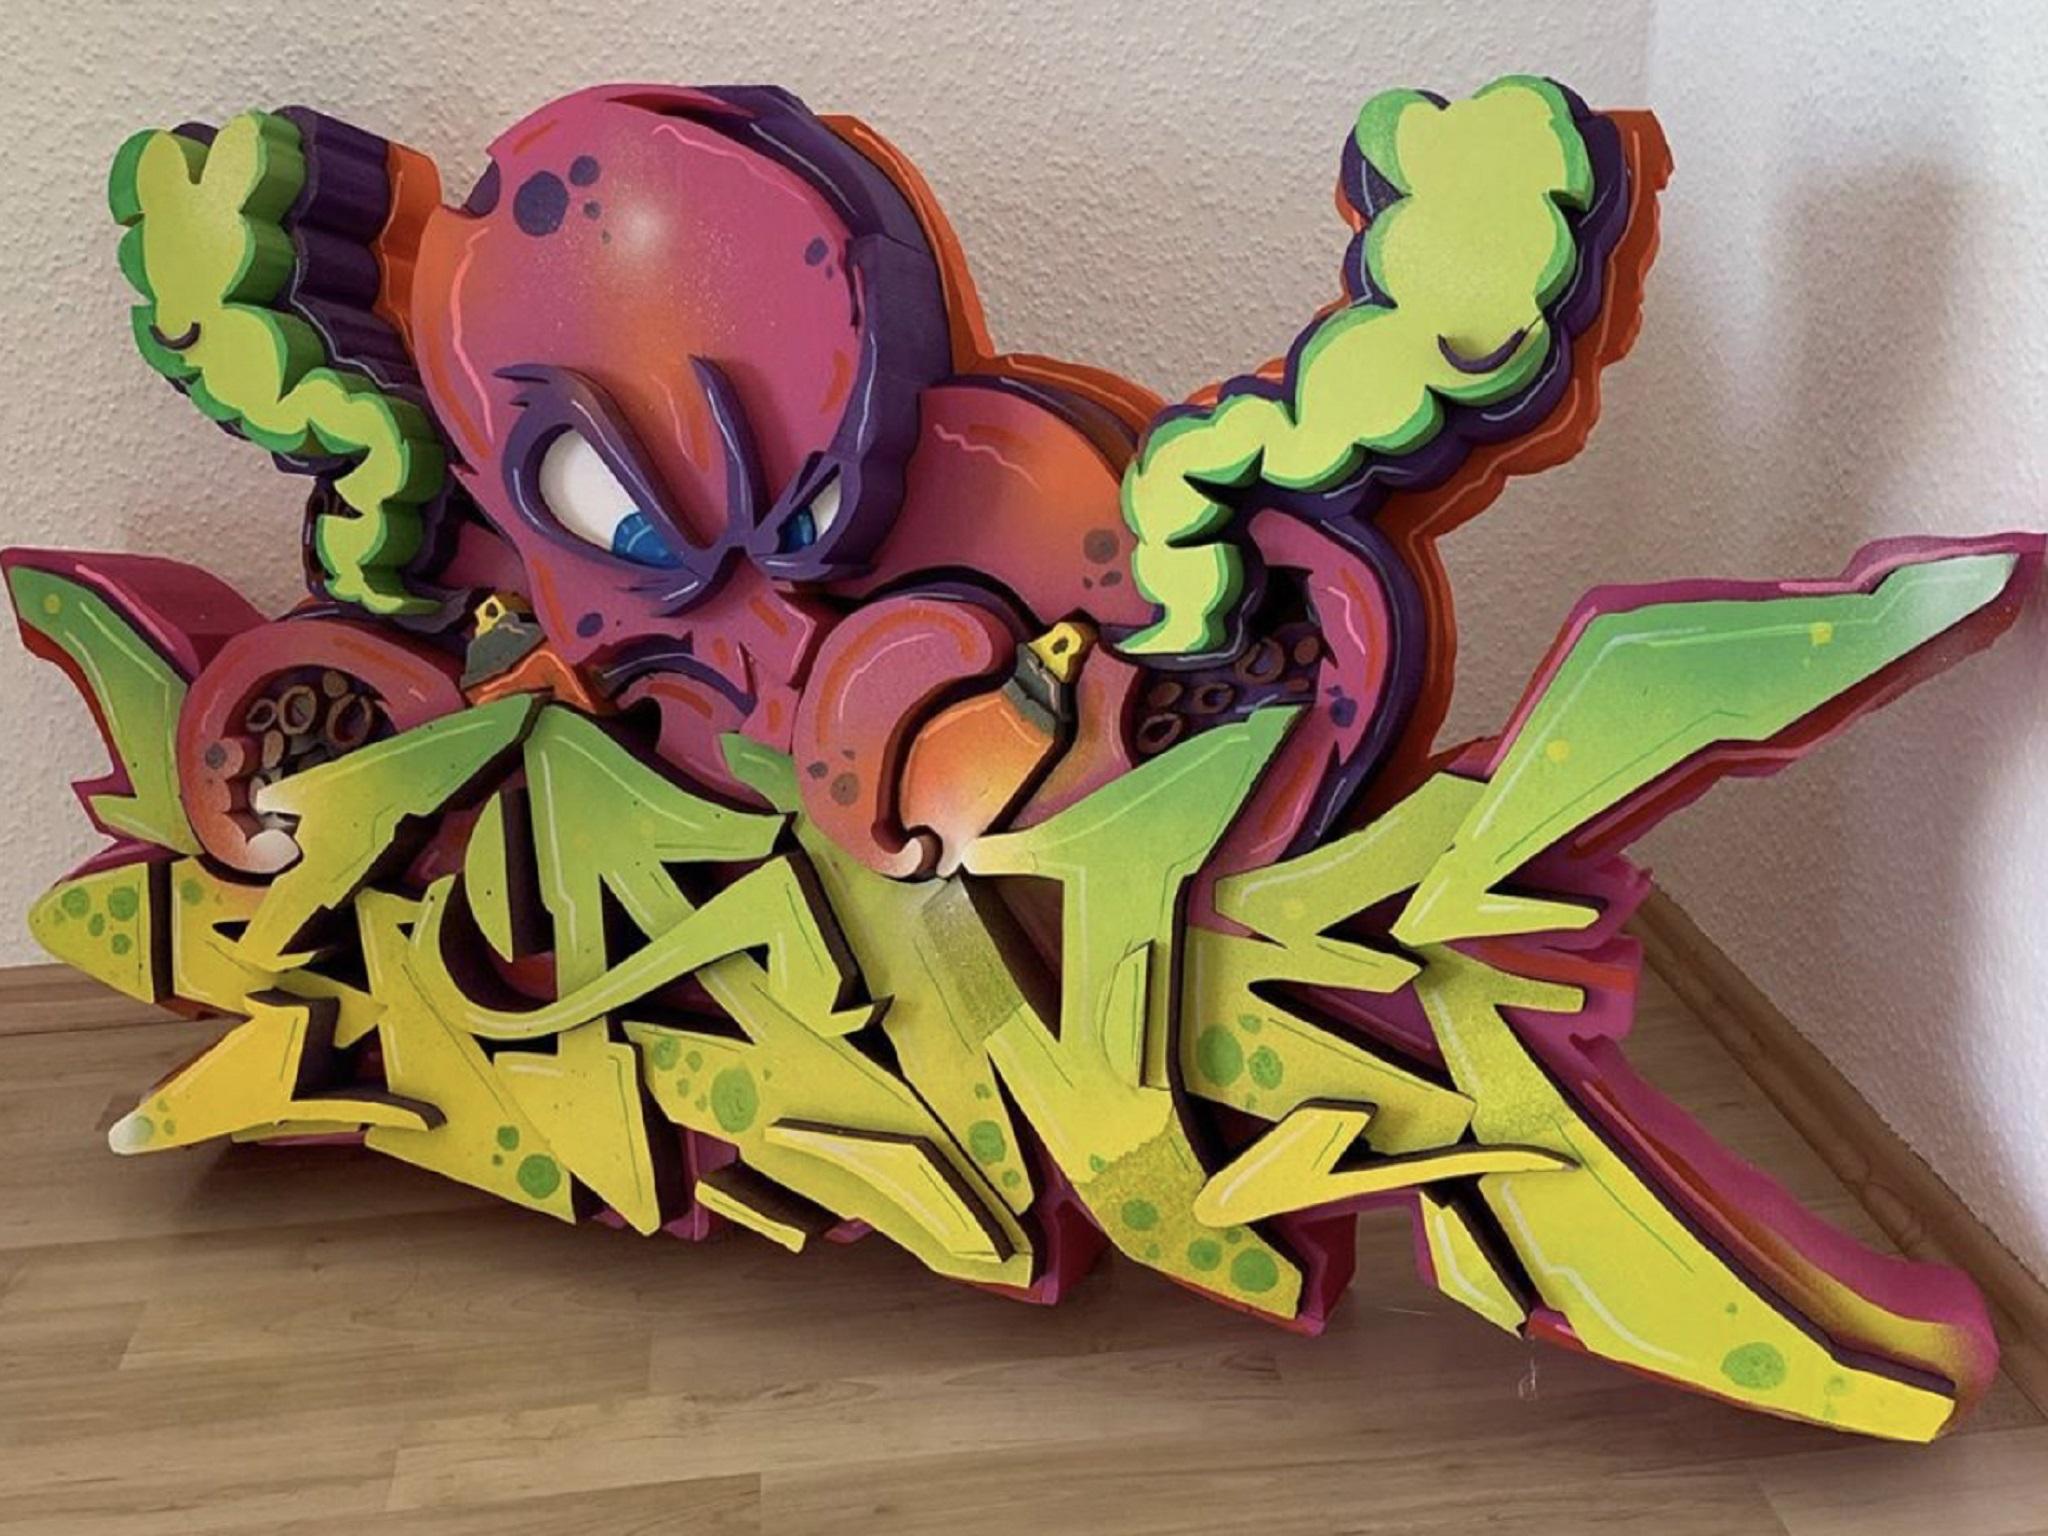 Graffiti-Skulpturen aus Styrodur. Foto: Marco Holzinger